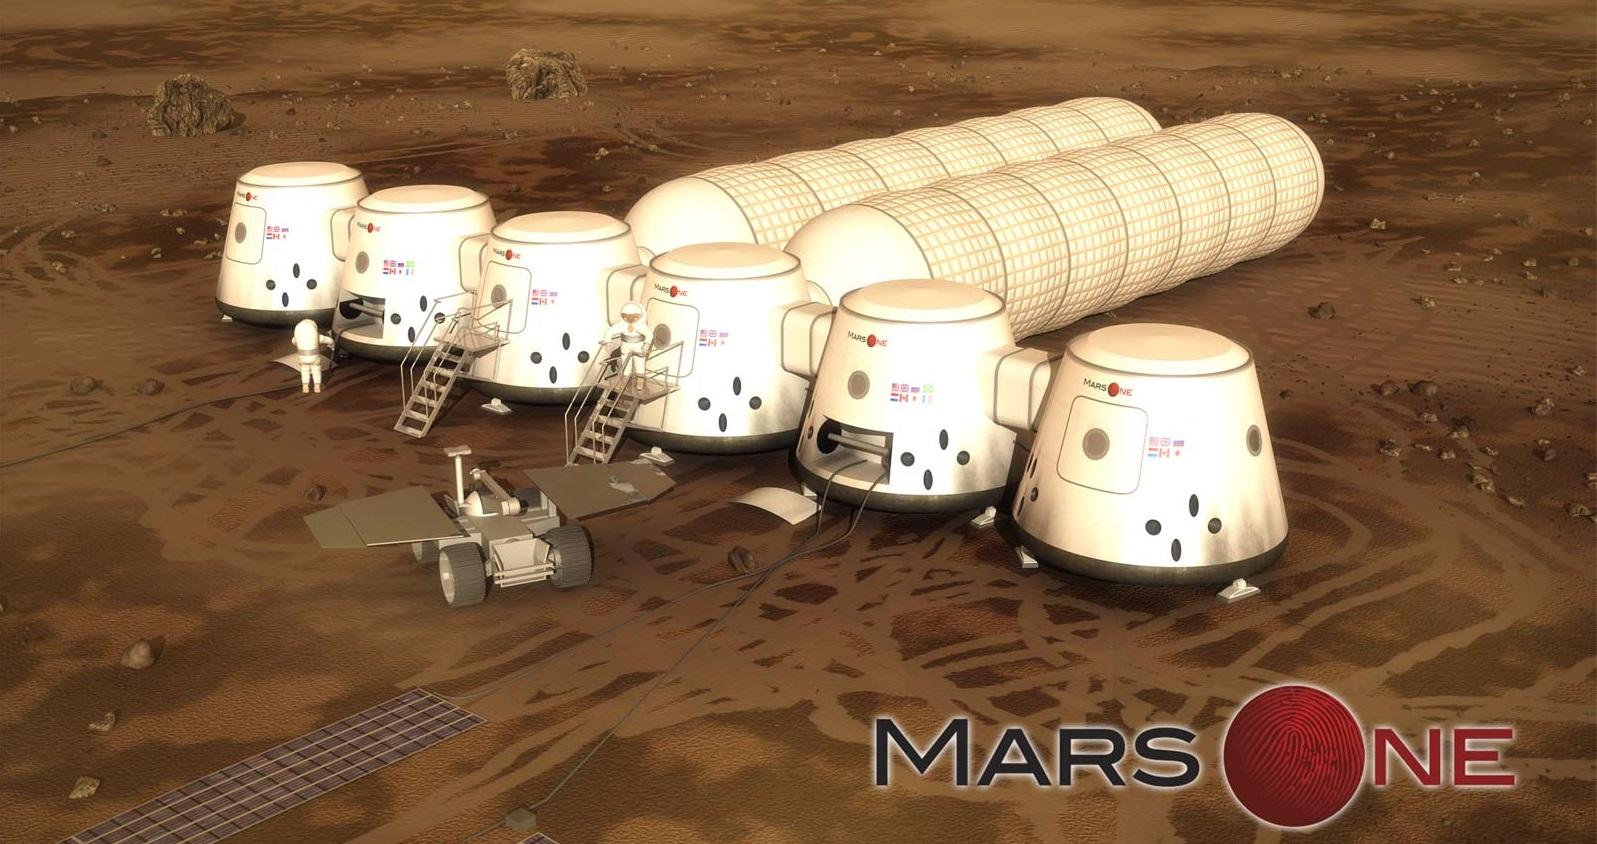 Цветущие сады на Марсе остаются мечтой: проект Mars One обанкротился - 1